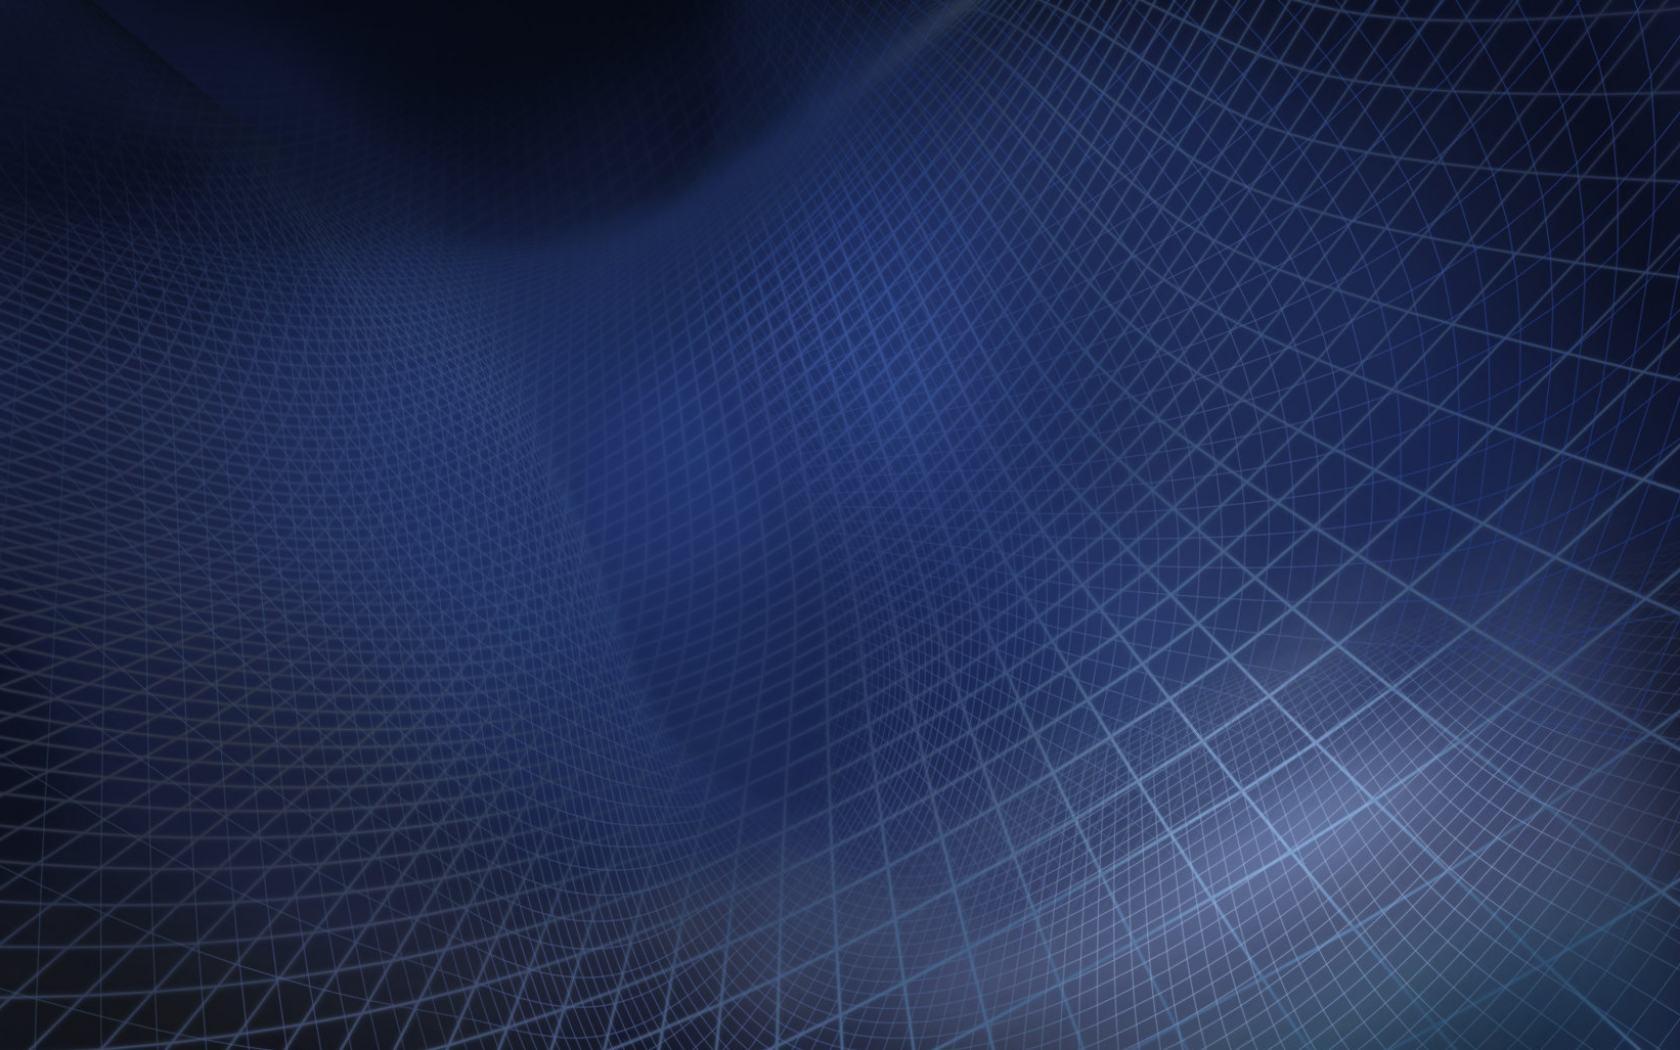 Синяя клетка абстрактные обои 1680x1050